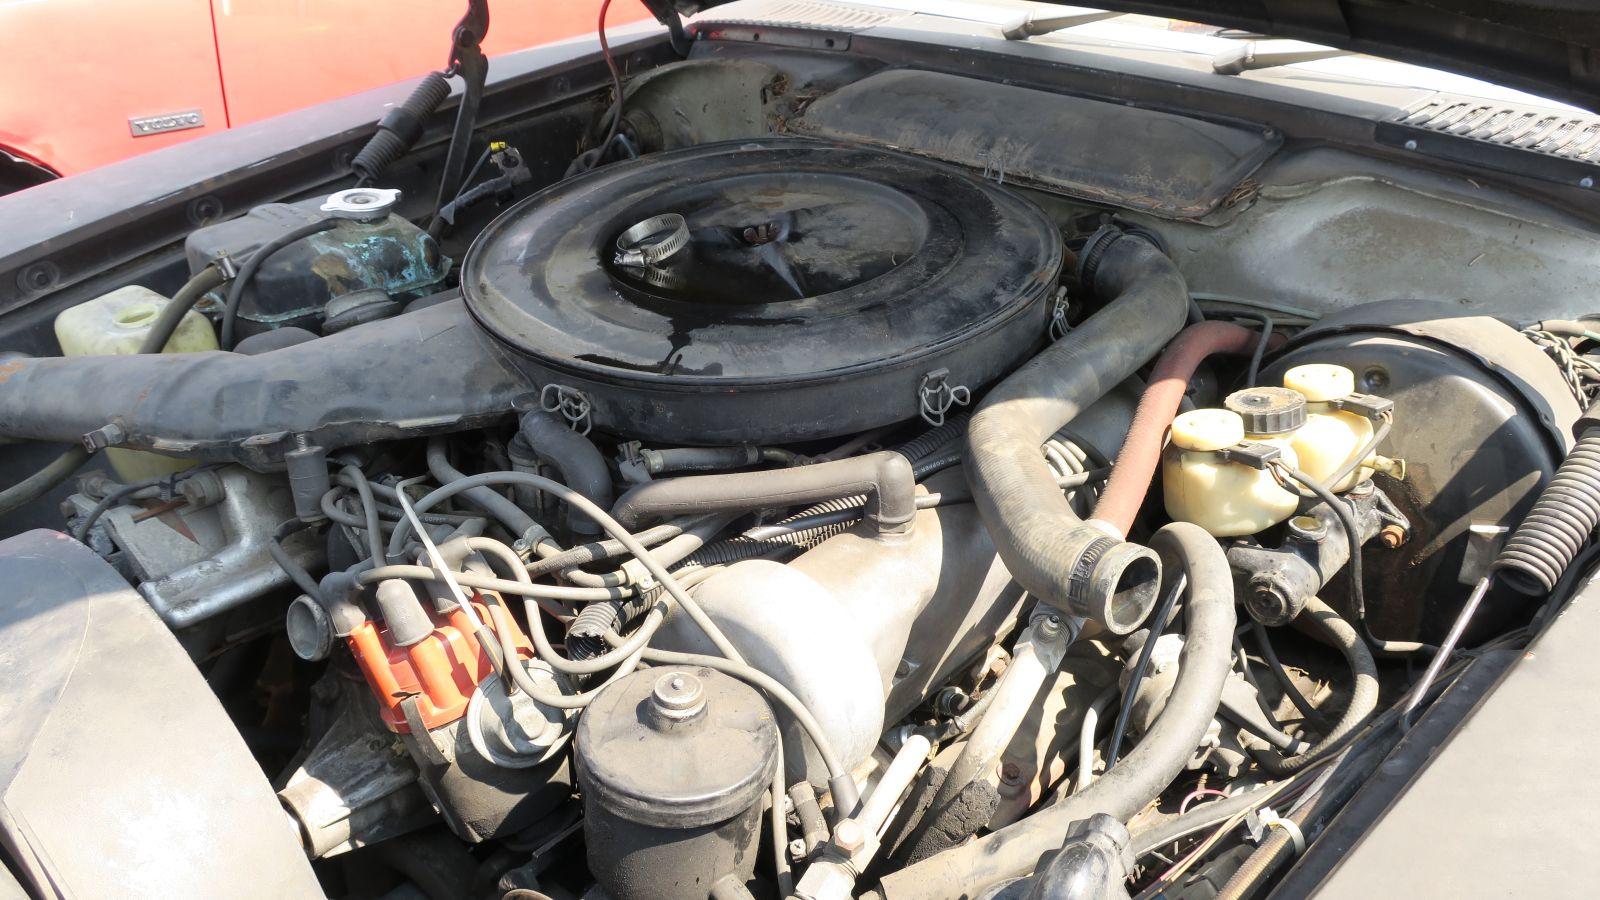 Junkyard gem 1972 mercedes benz 350 sl autoblog for Mercedes benz wrecking yard